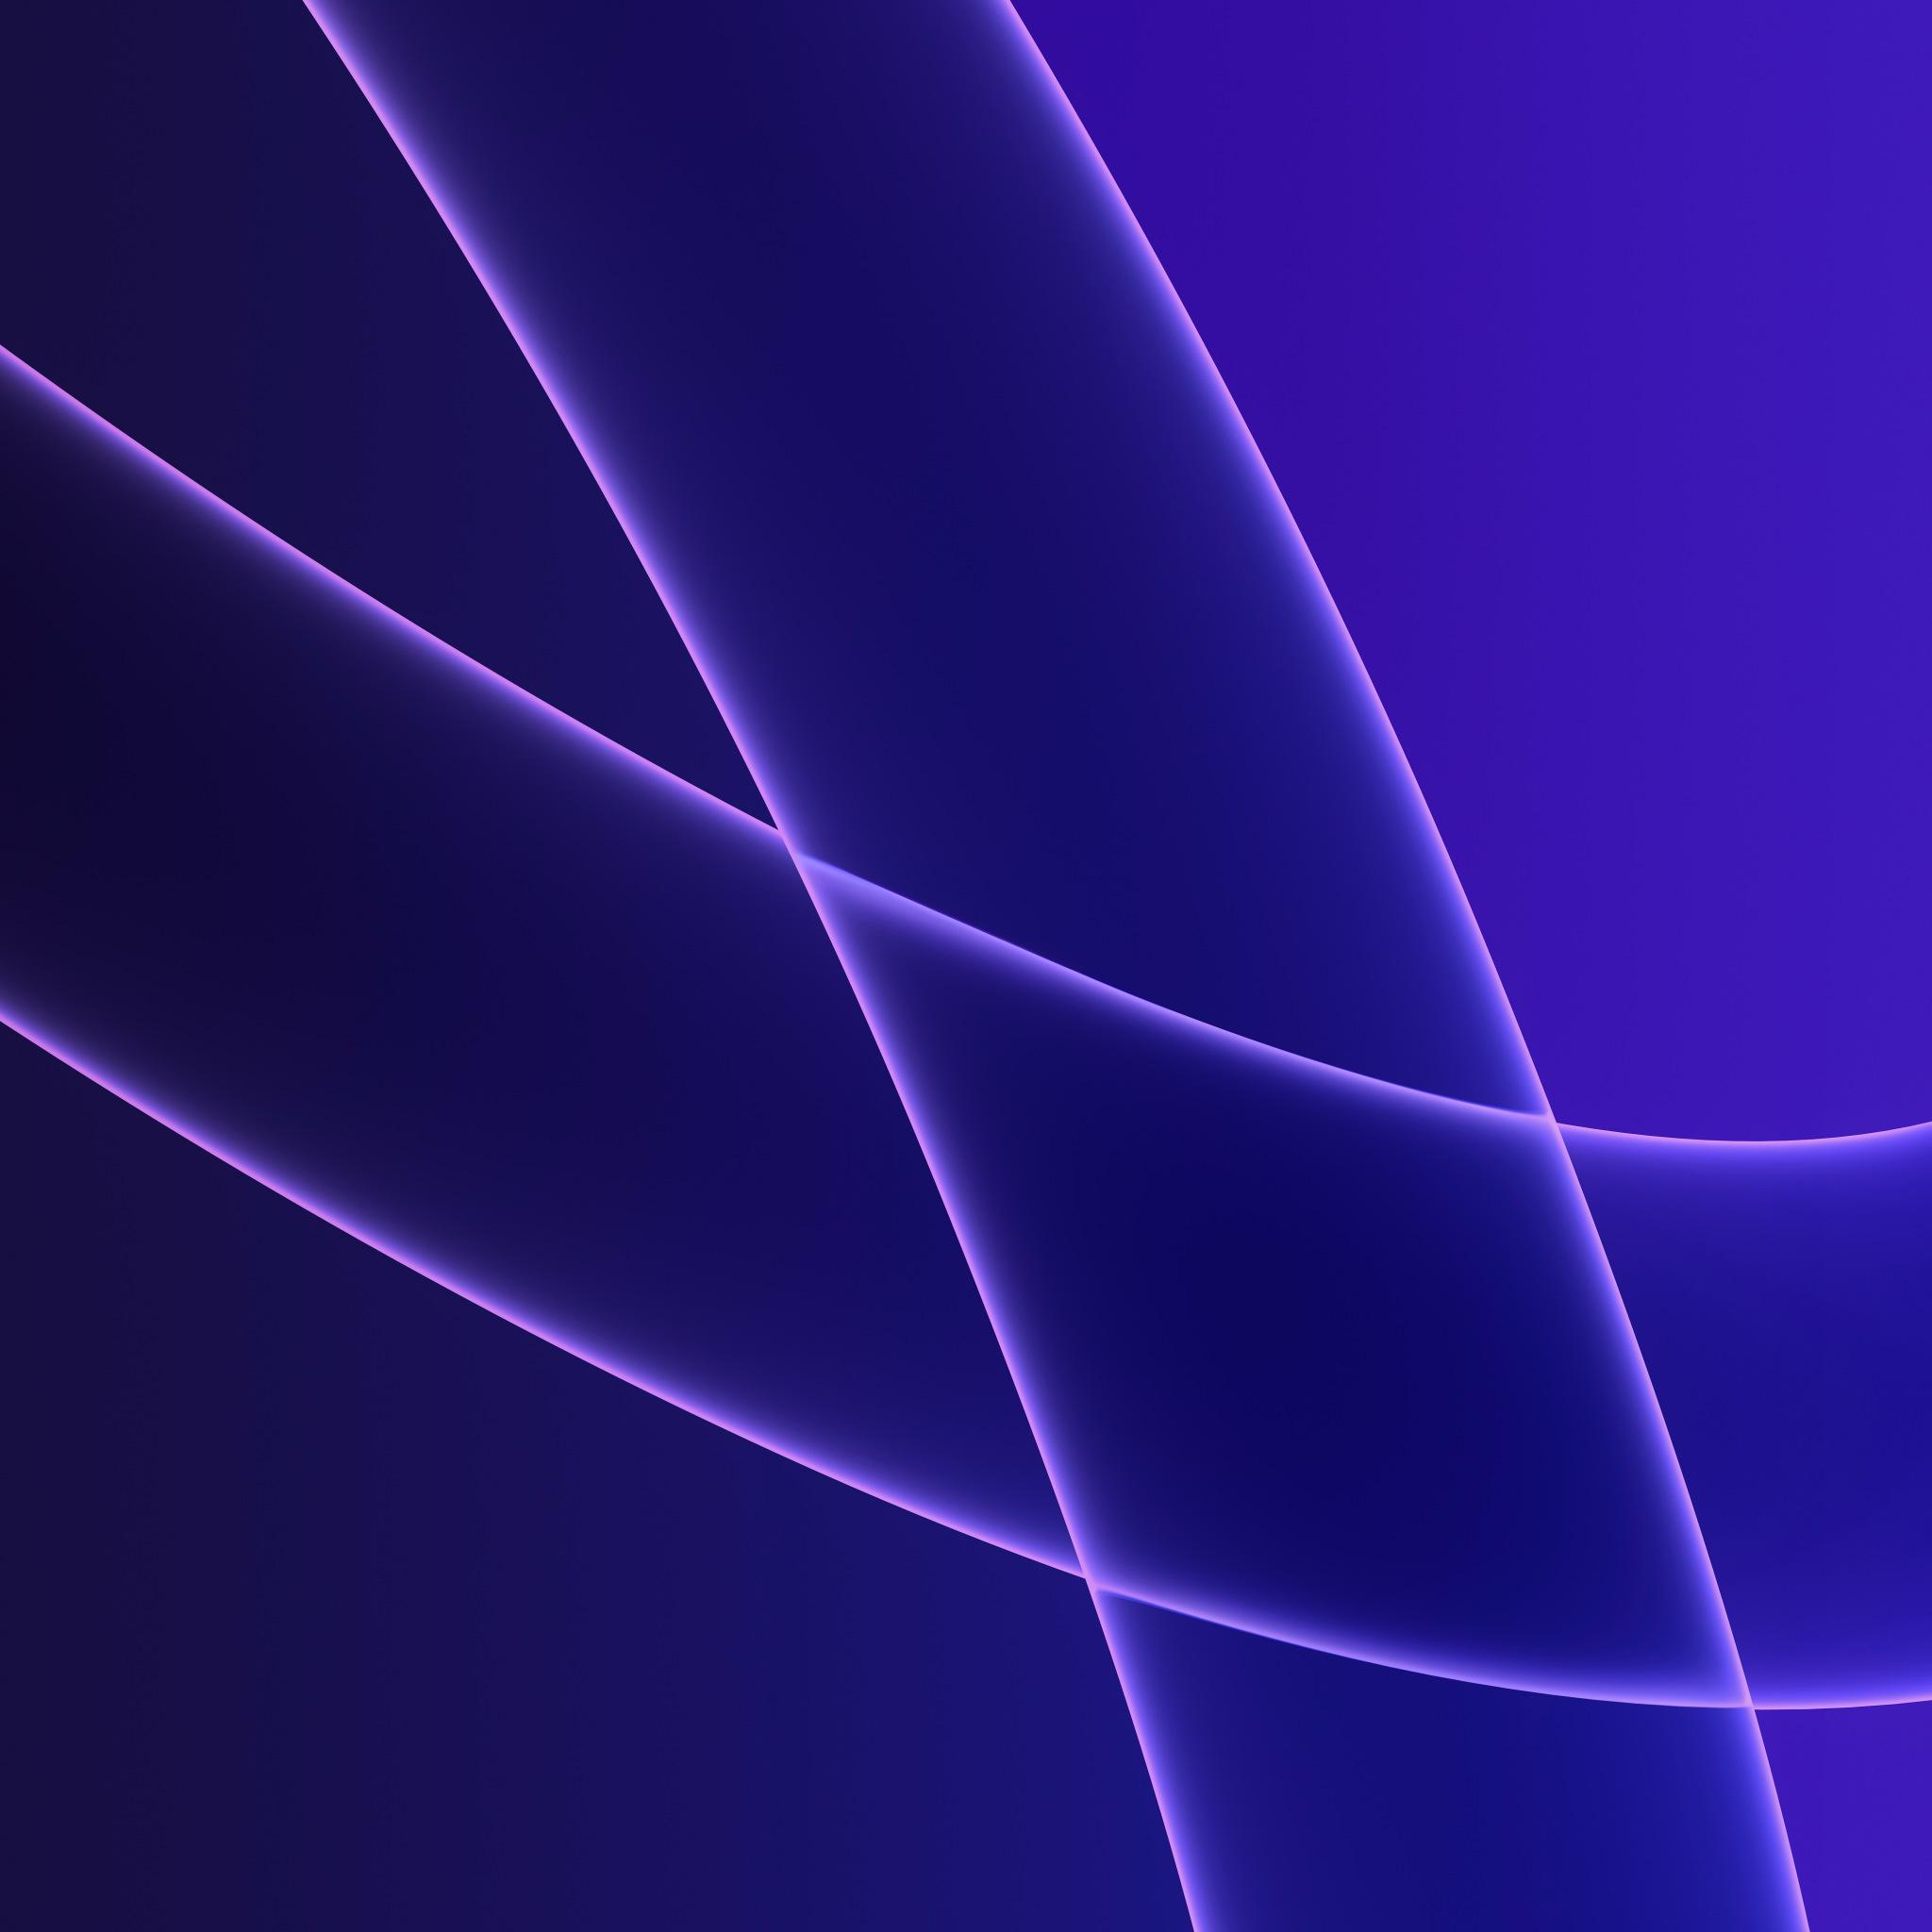 Hình nền iMac Purple 2